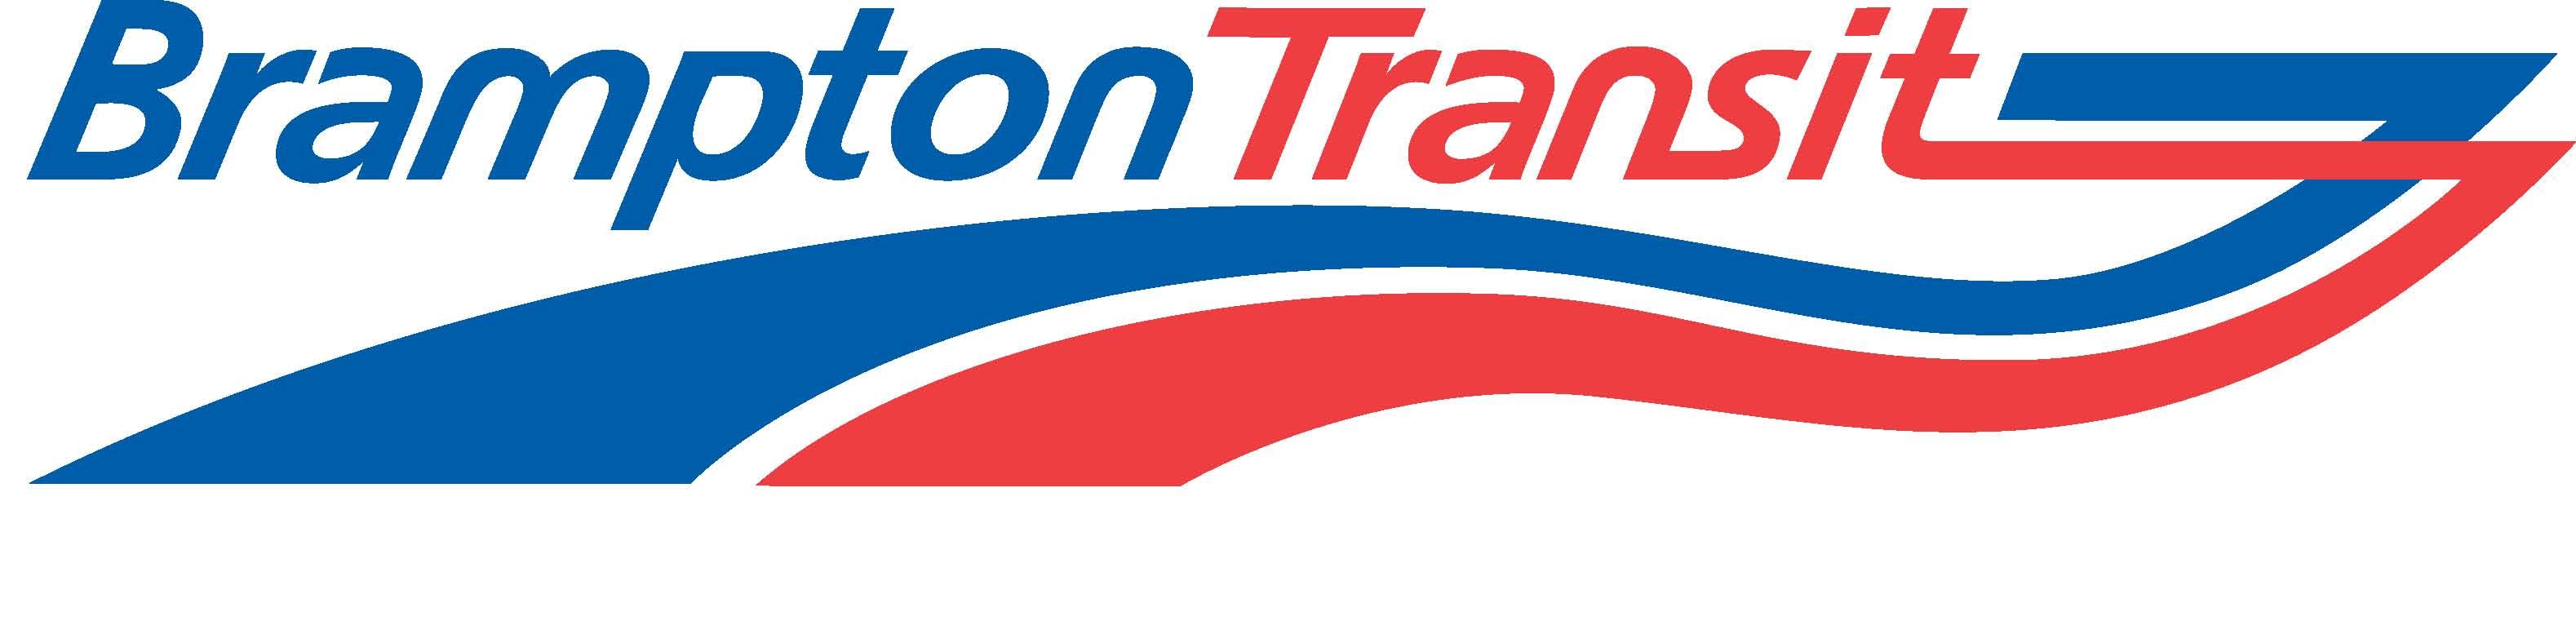 Brampton transit Logo photo - 1